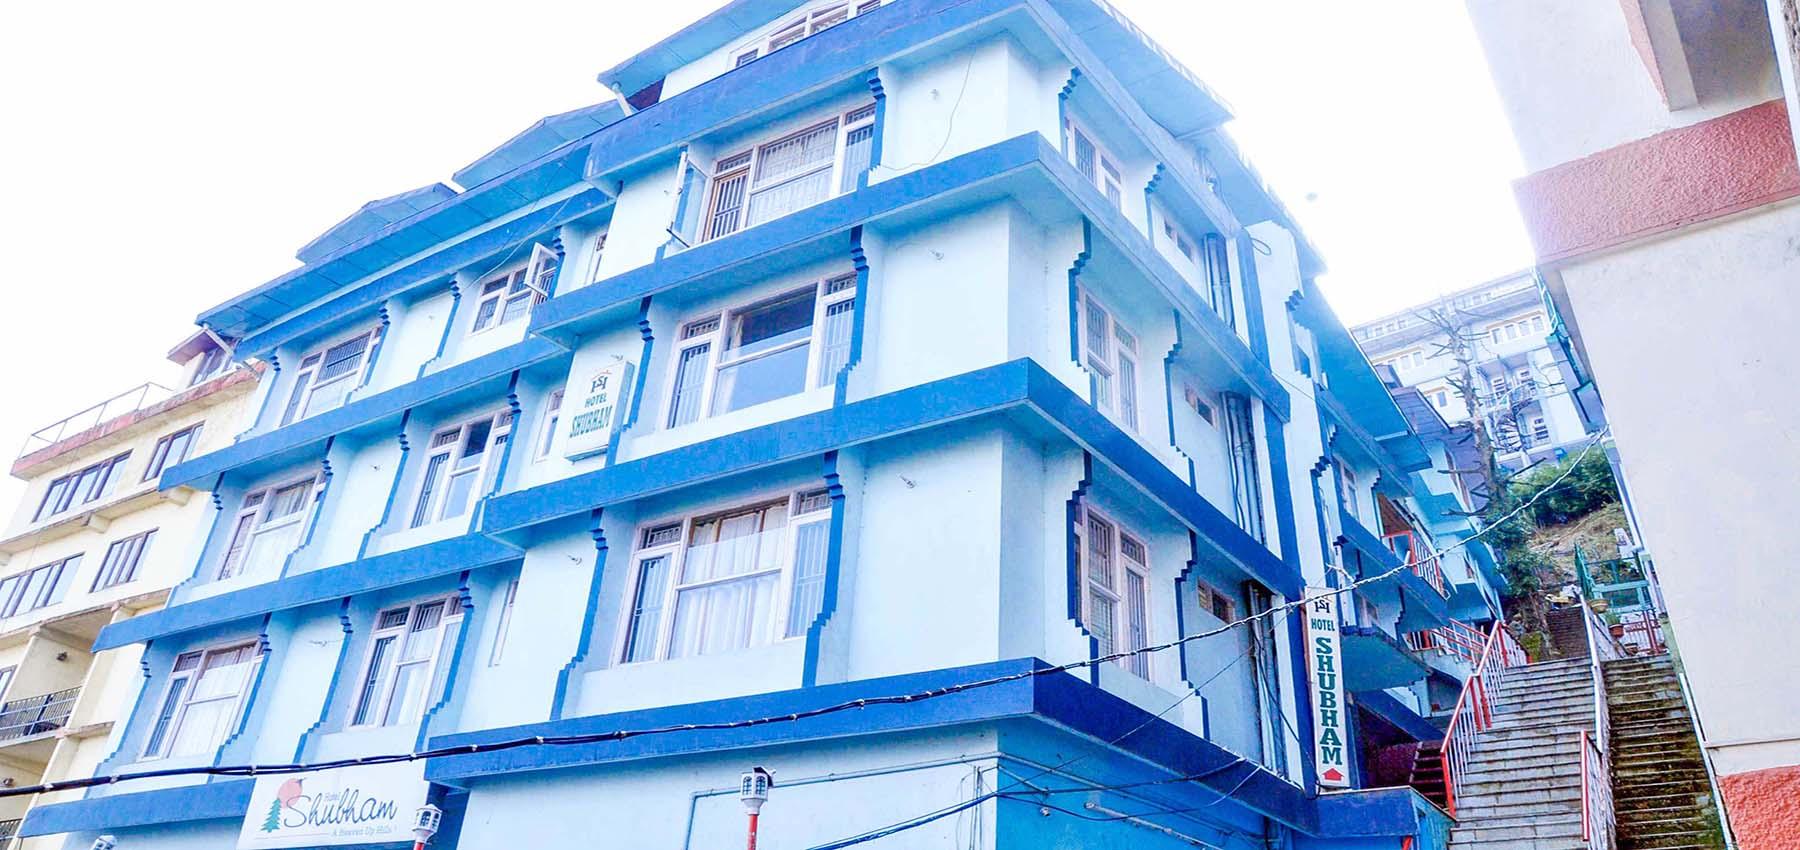 Hotel Shubham Shimla